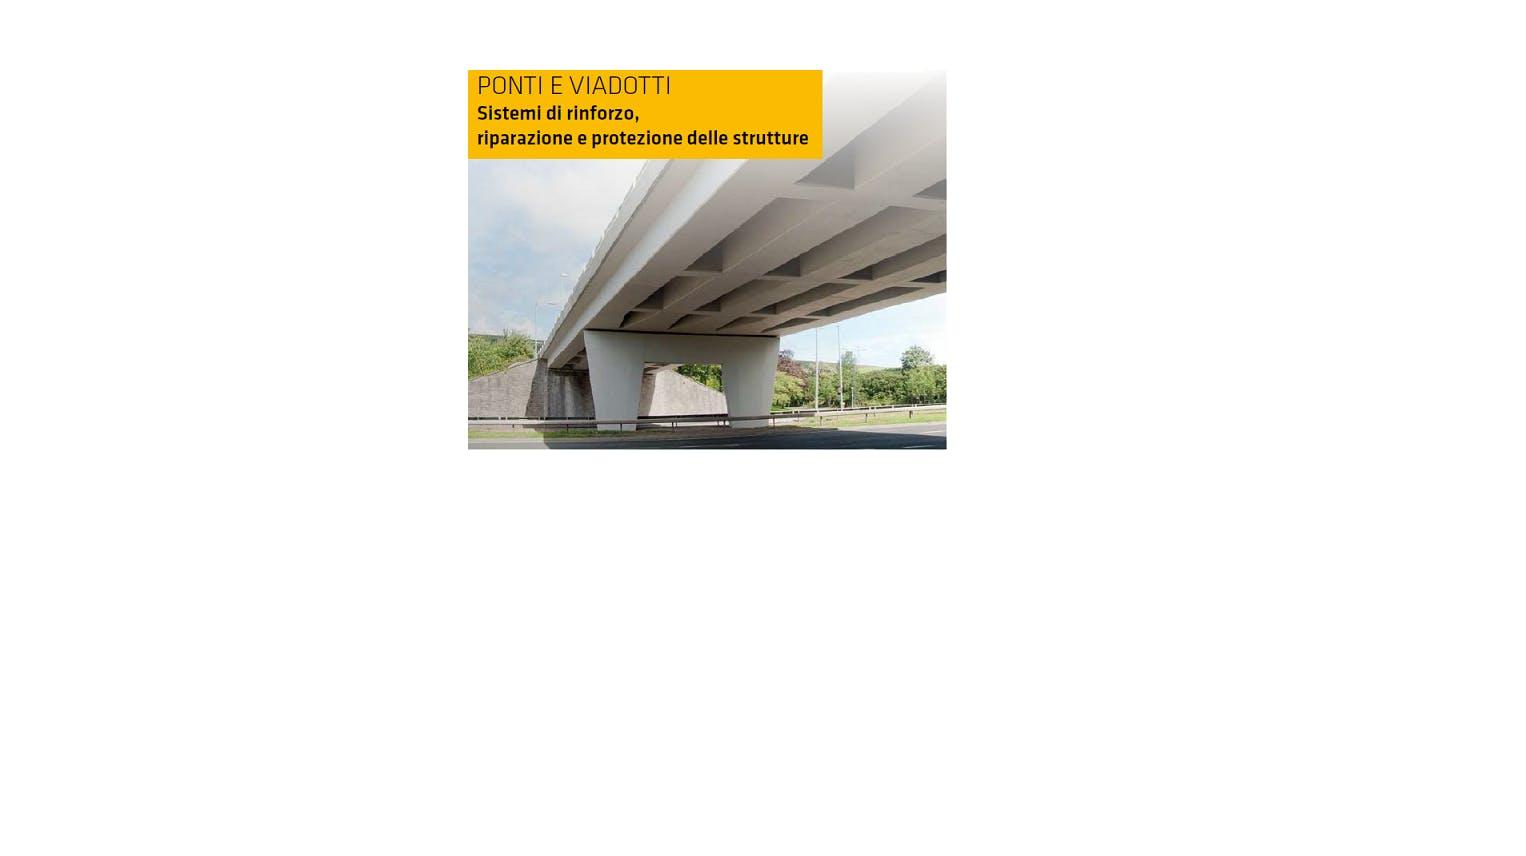 BARI - Ponti e Viadotti: sistemi di rinforzo, riparazione e protezione delle strutture